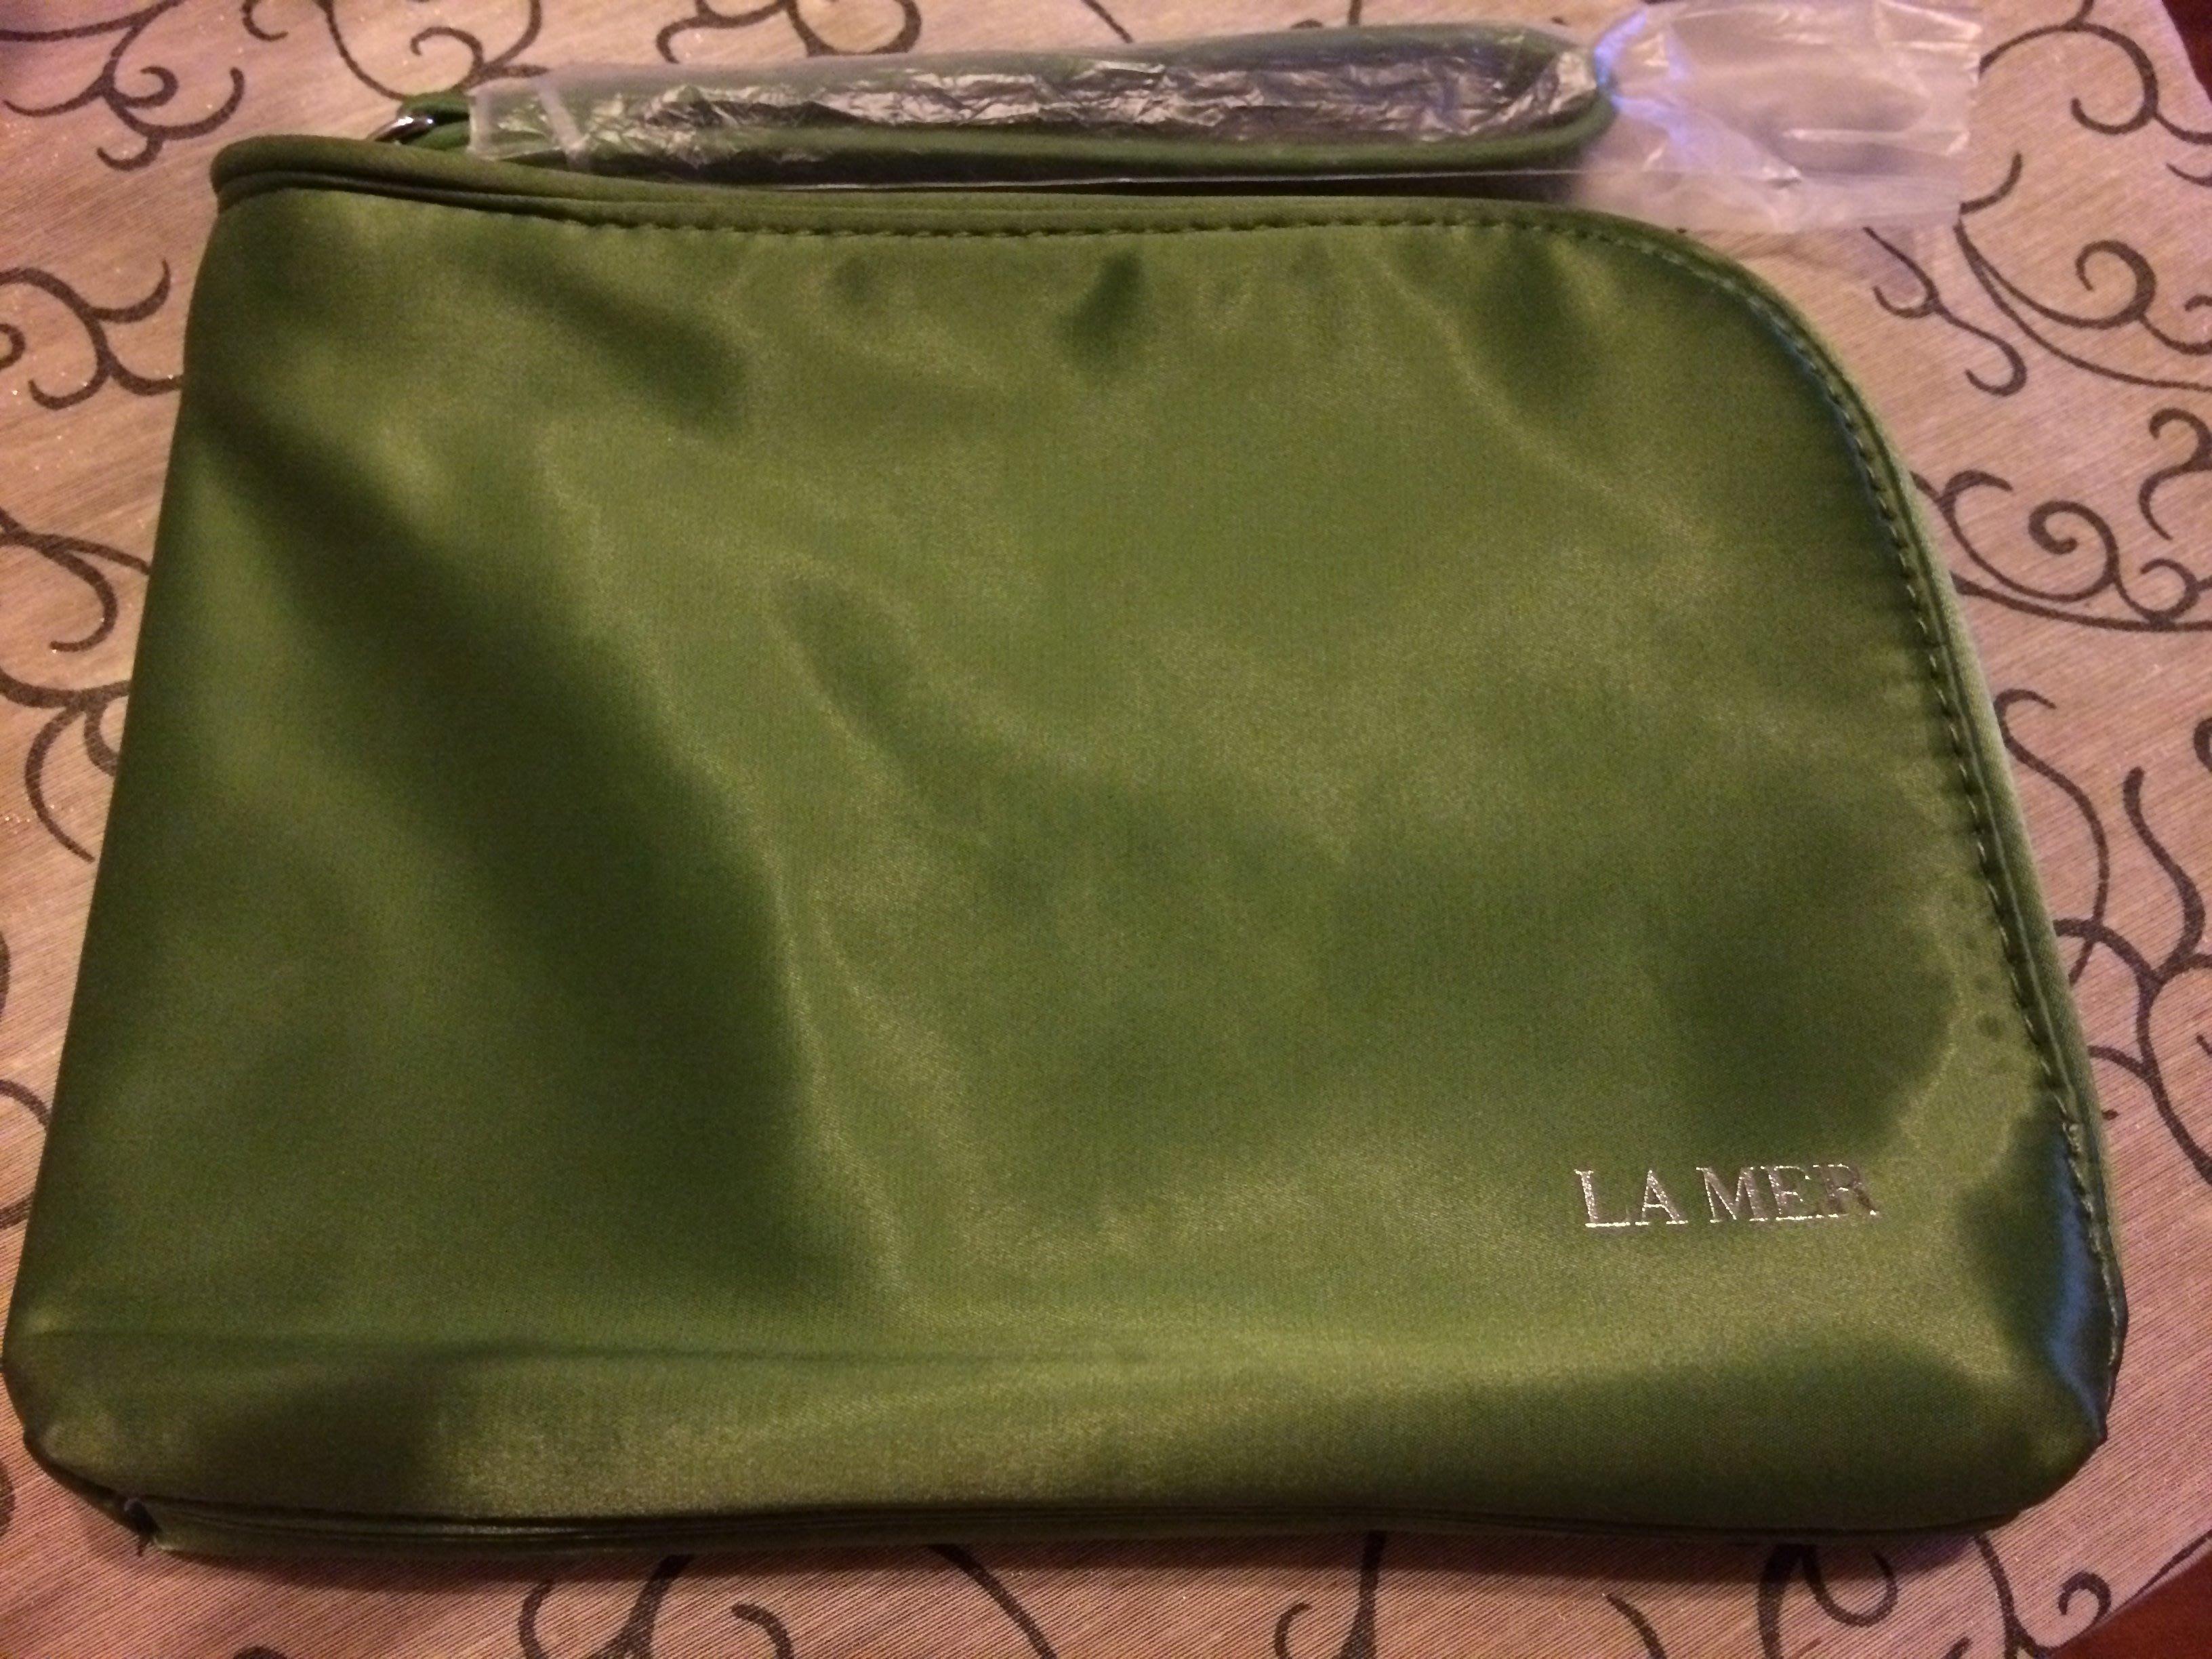 全新LA MER化妝品包